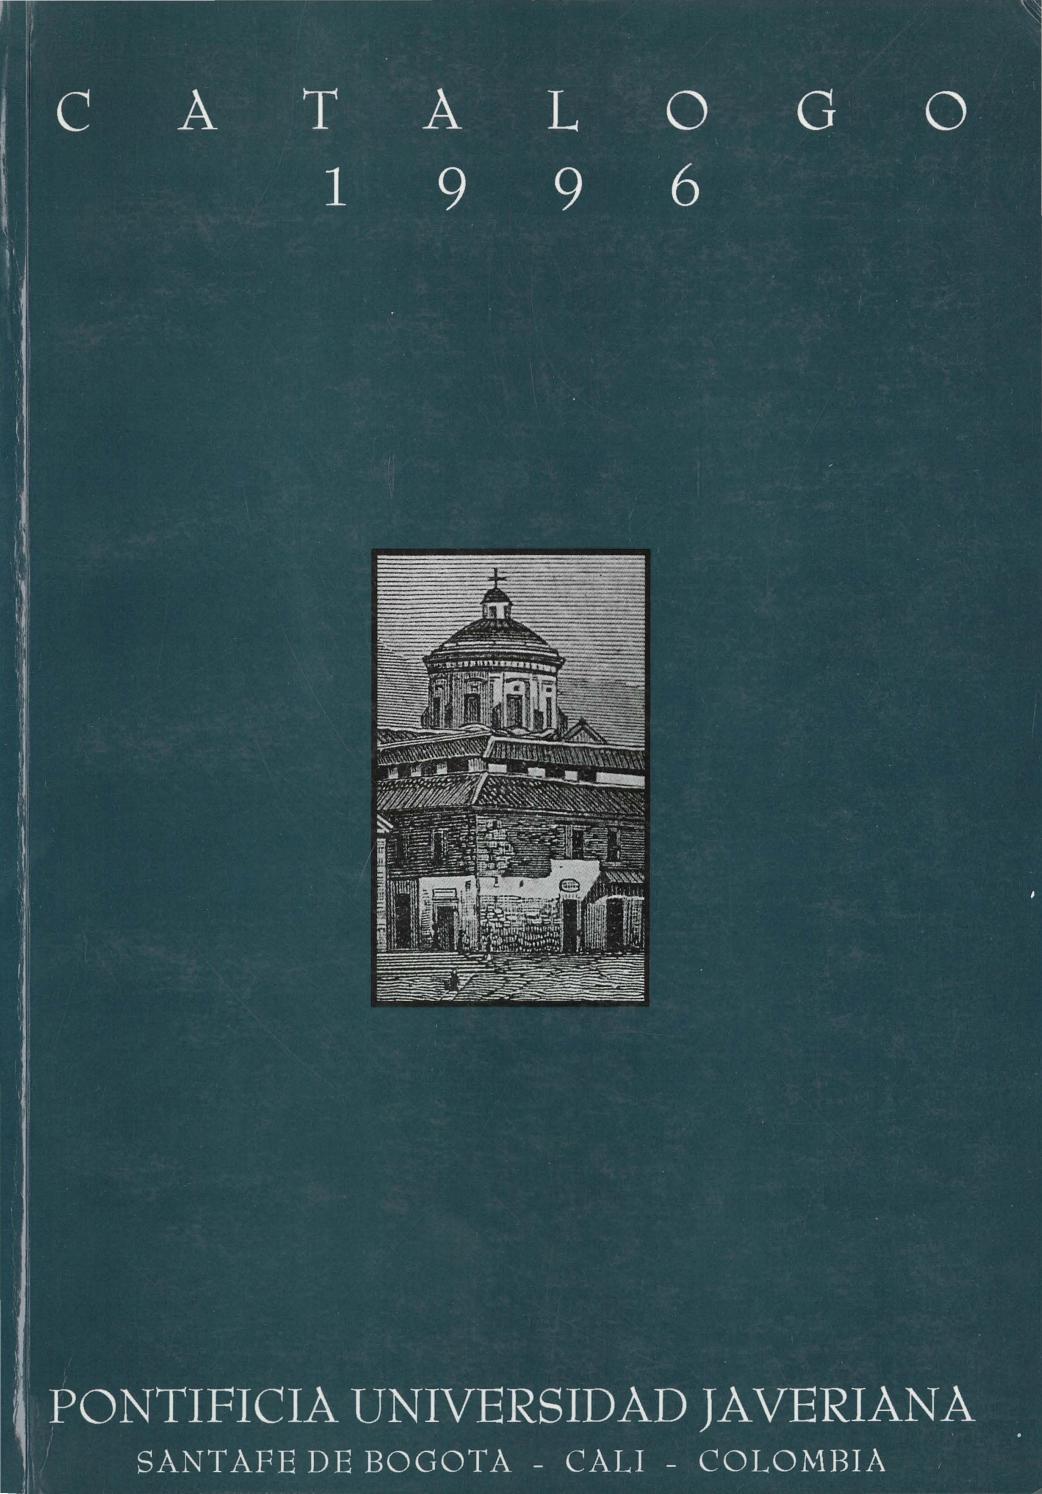 Catálogo puj 1996 by Archivo Histórico Javeriano - issuu